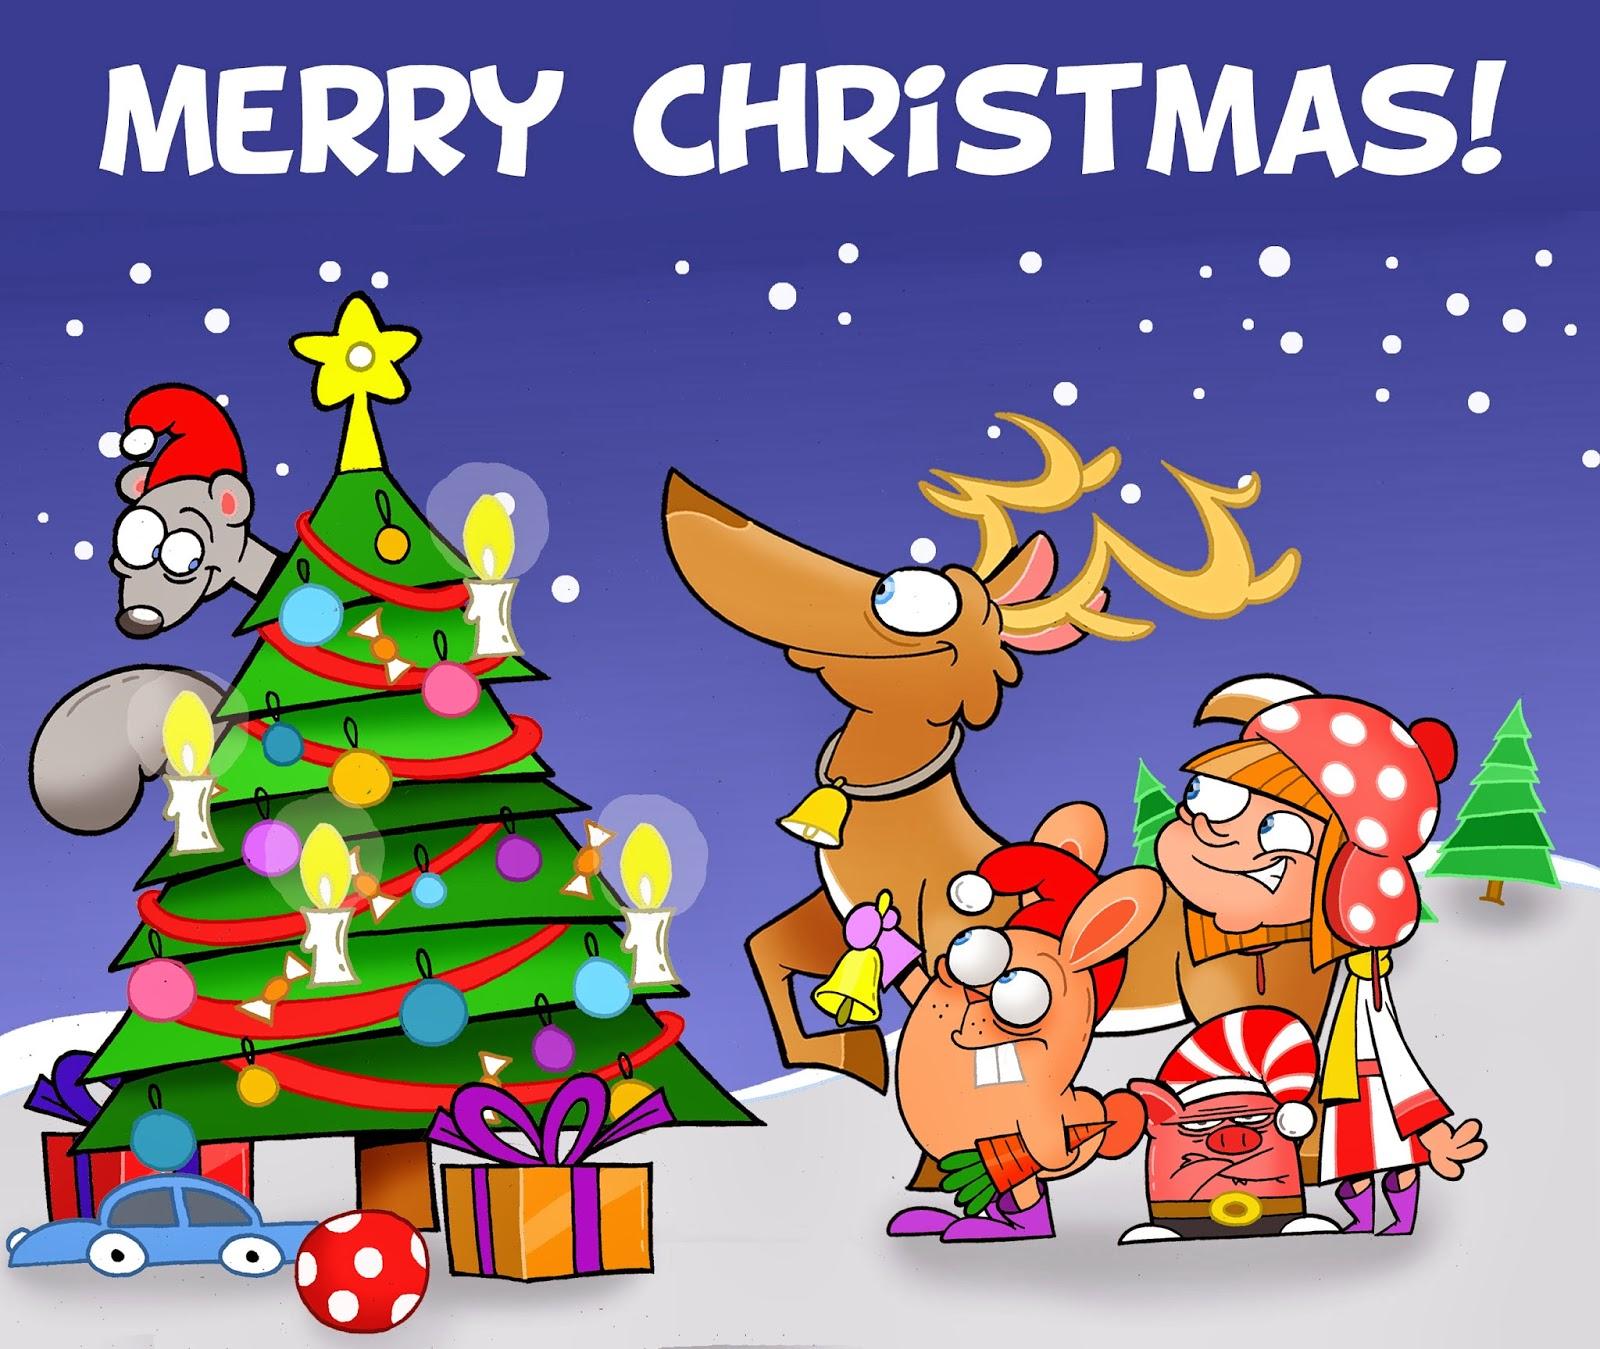 ImagesList.com: Merry Christmas, Part 3